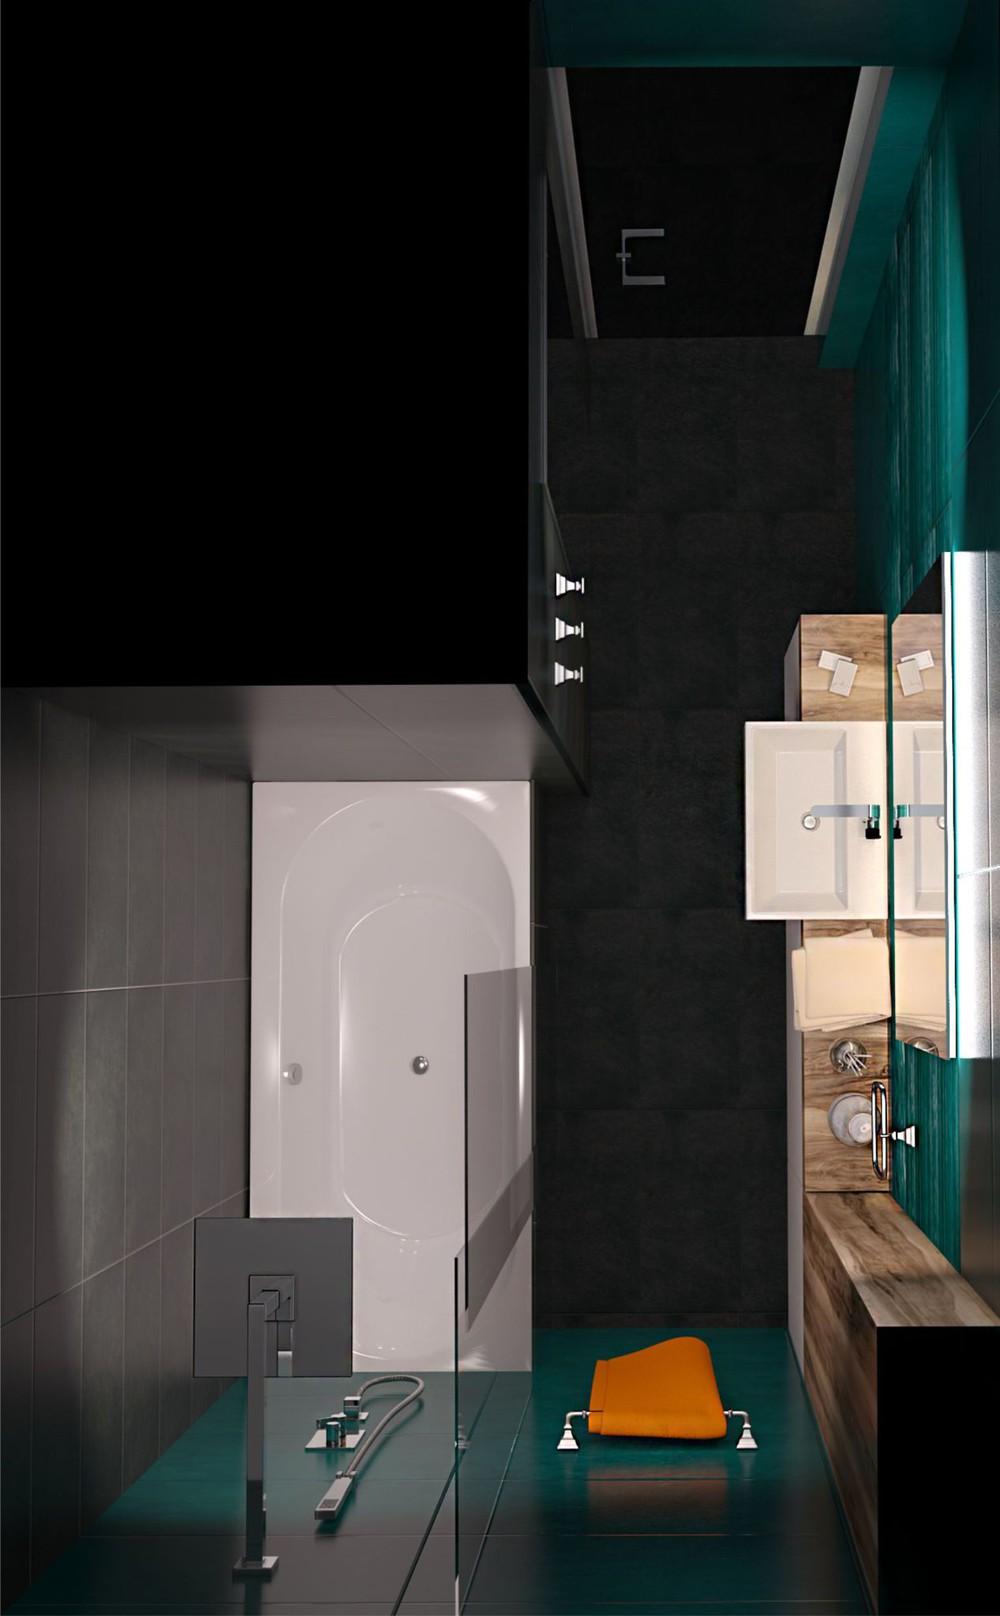 Wedo thiết kế nội thất căn hộ cao cấp đơn giản, sáng tạo cho gia đình trẻ